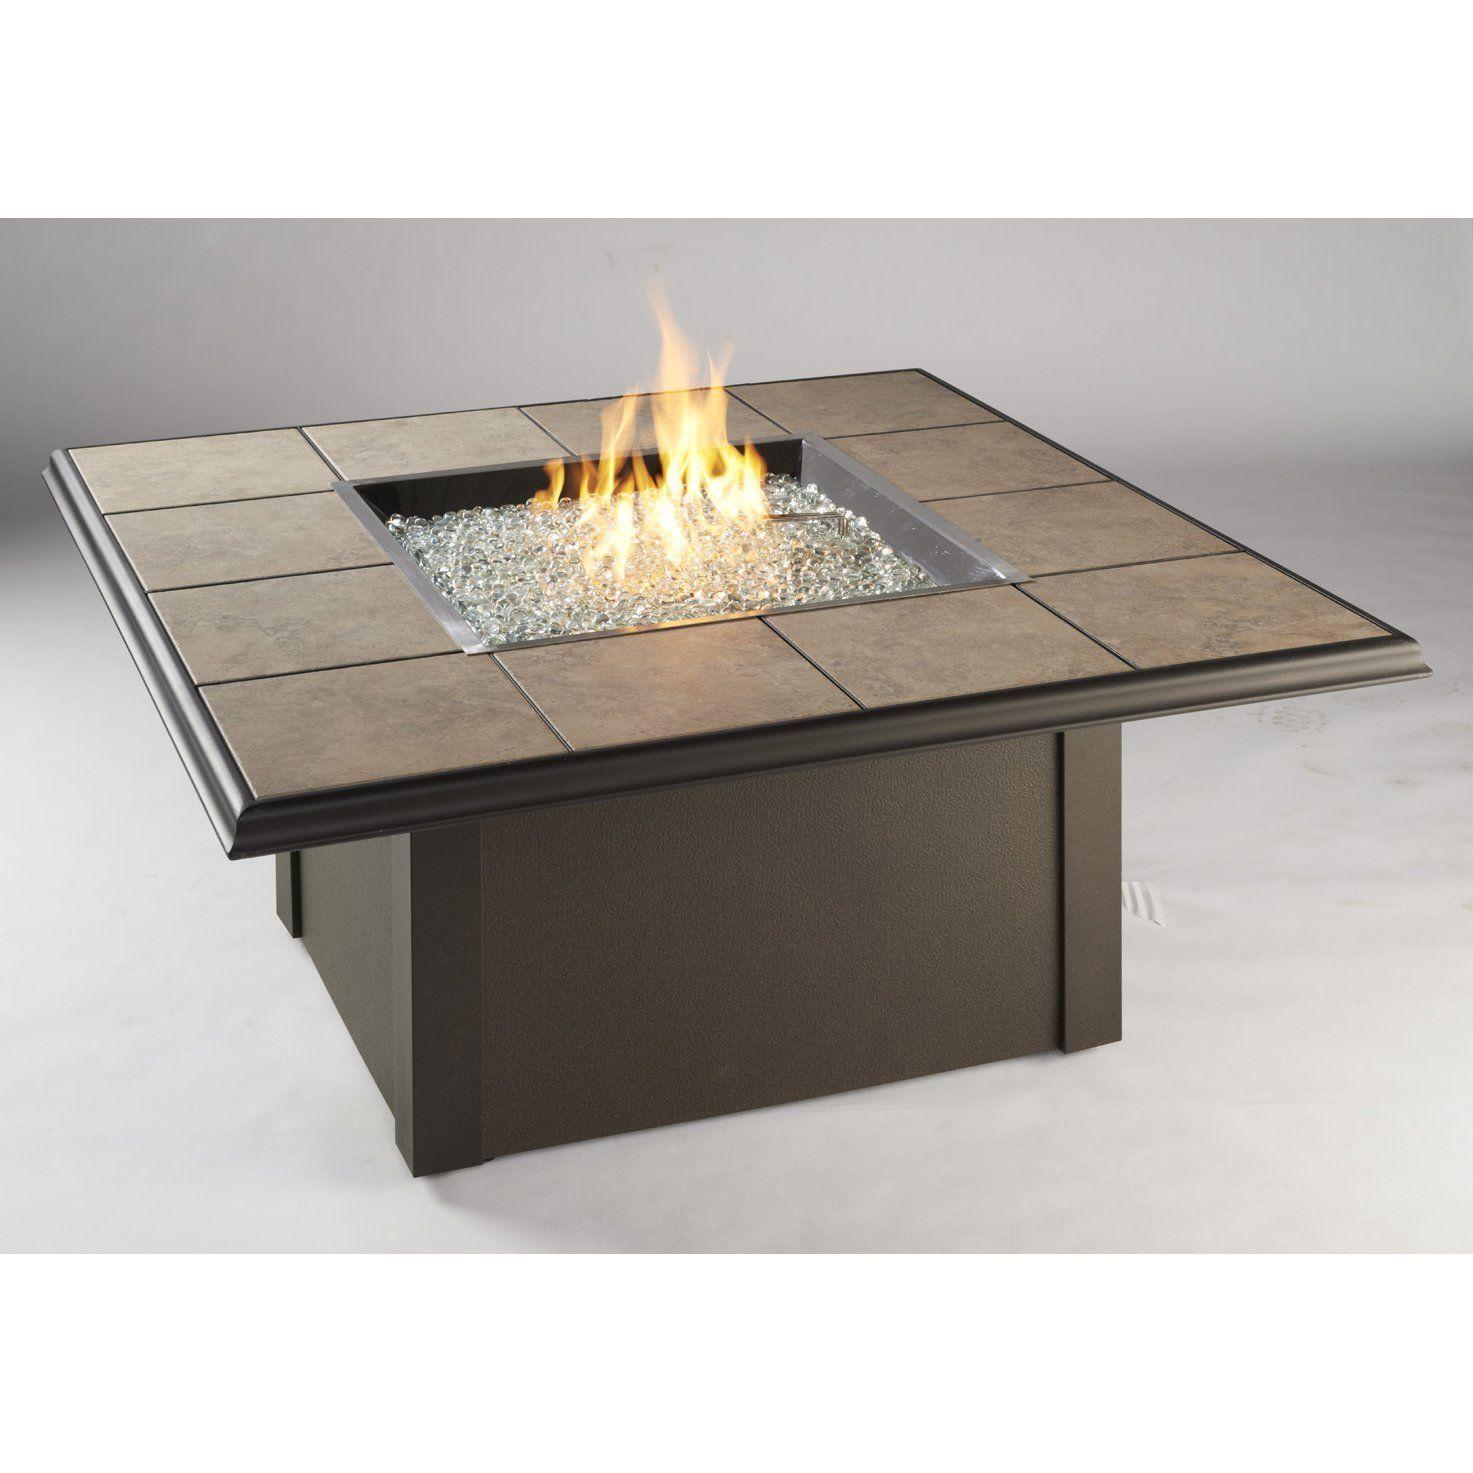 Kamin Tisch Runde Feuer Tisch Kleine Gas Feuerstelle Kleinen Outdoor Feuerstelle Feuerstelle Ring Couchtisch Feuerstelle Sofas